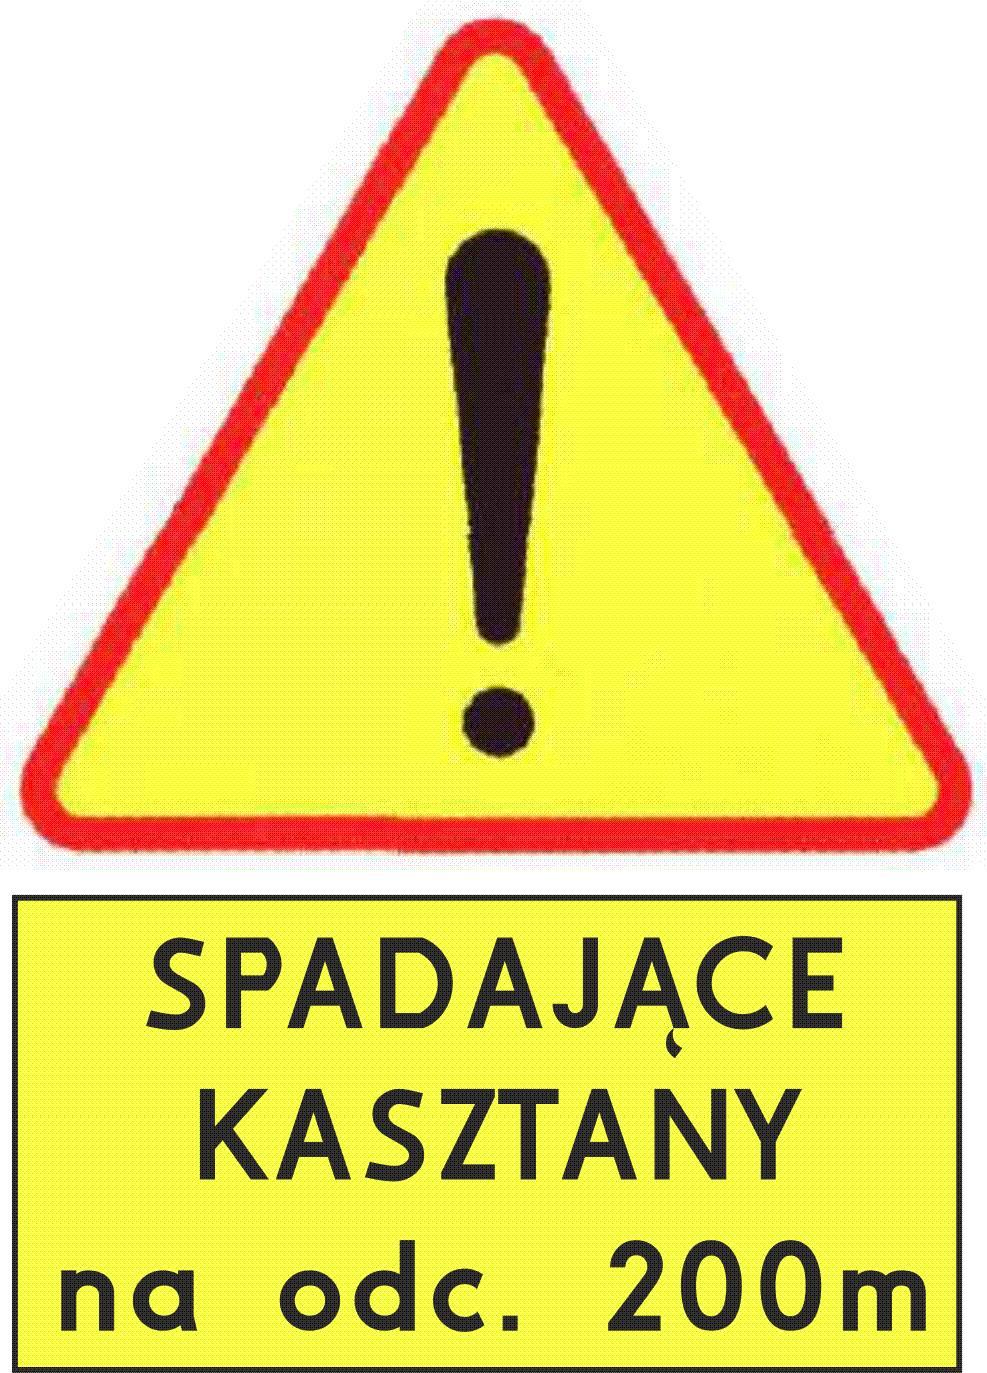 Napisy kasztany ZDG 002 ZAMOŚĆ: UWAGA na spadające kasztany!